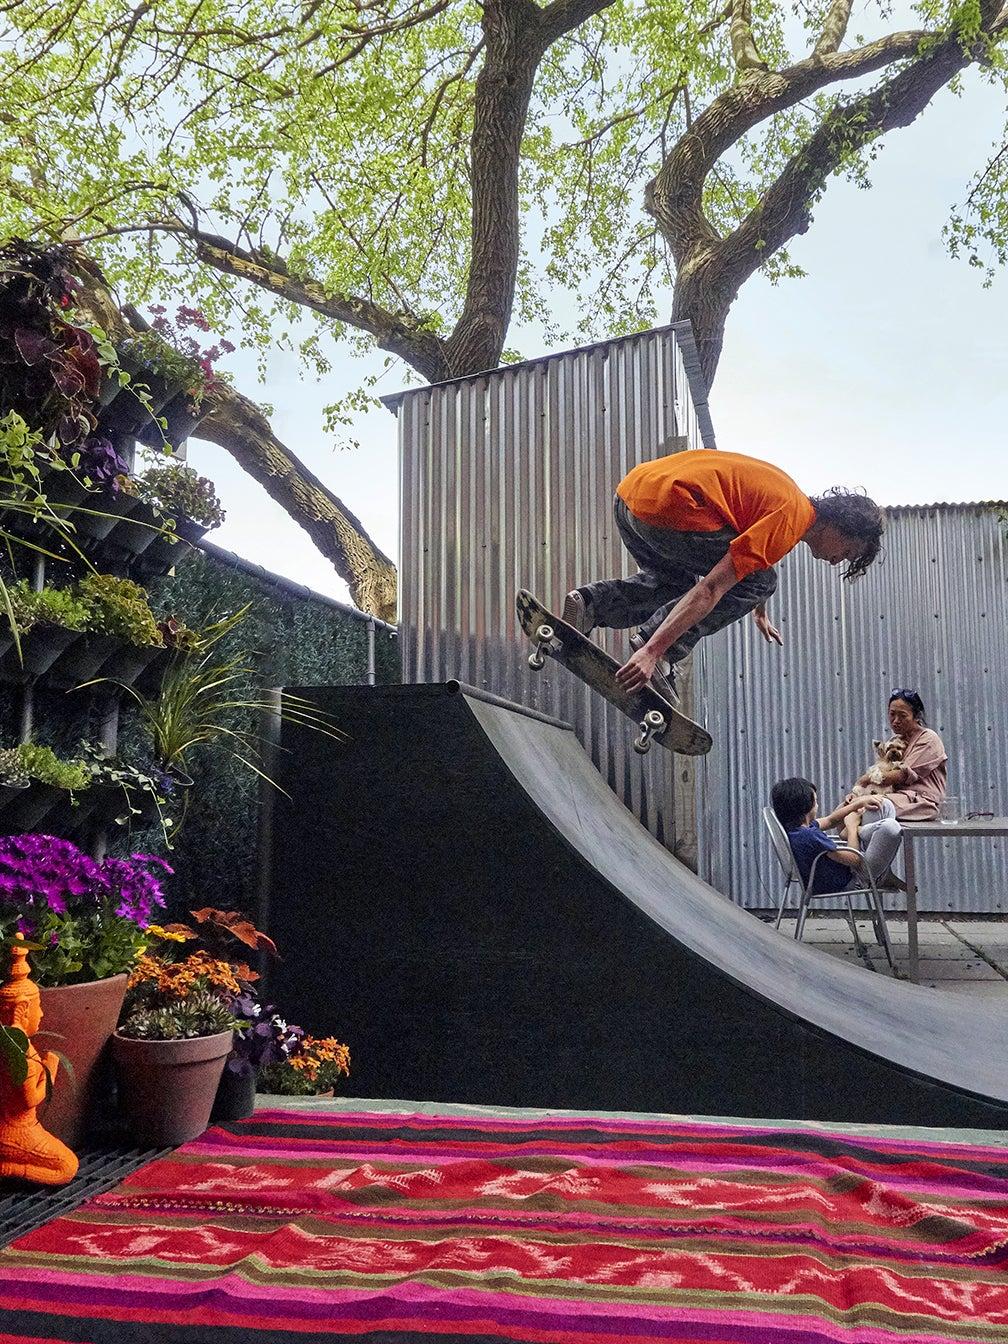 00-FEATURE-skate-ramp-DIY-domino